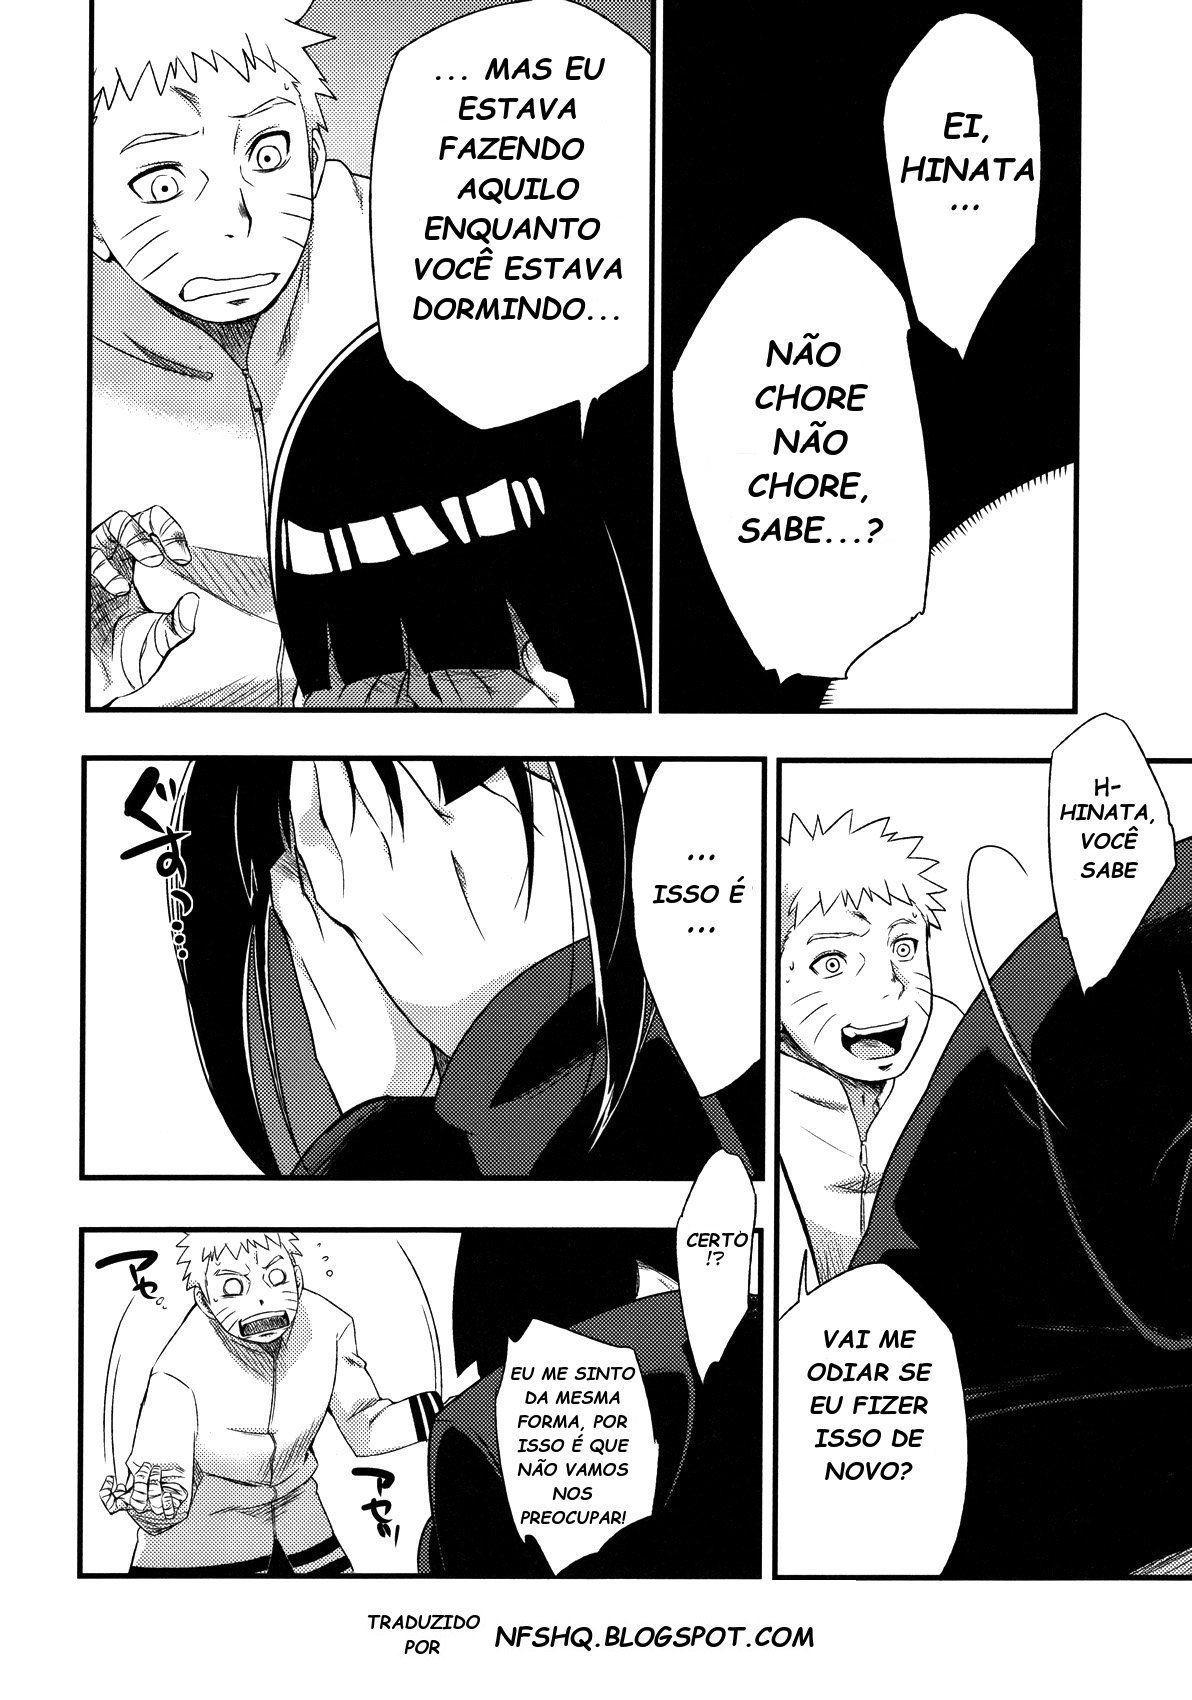 Hinata sendo amante de Naruto - Foto 11